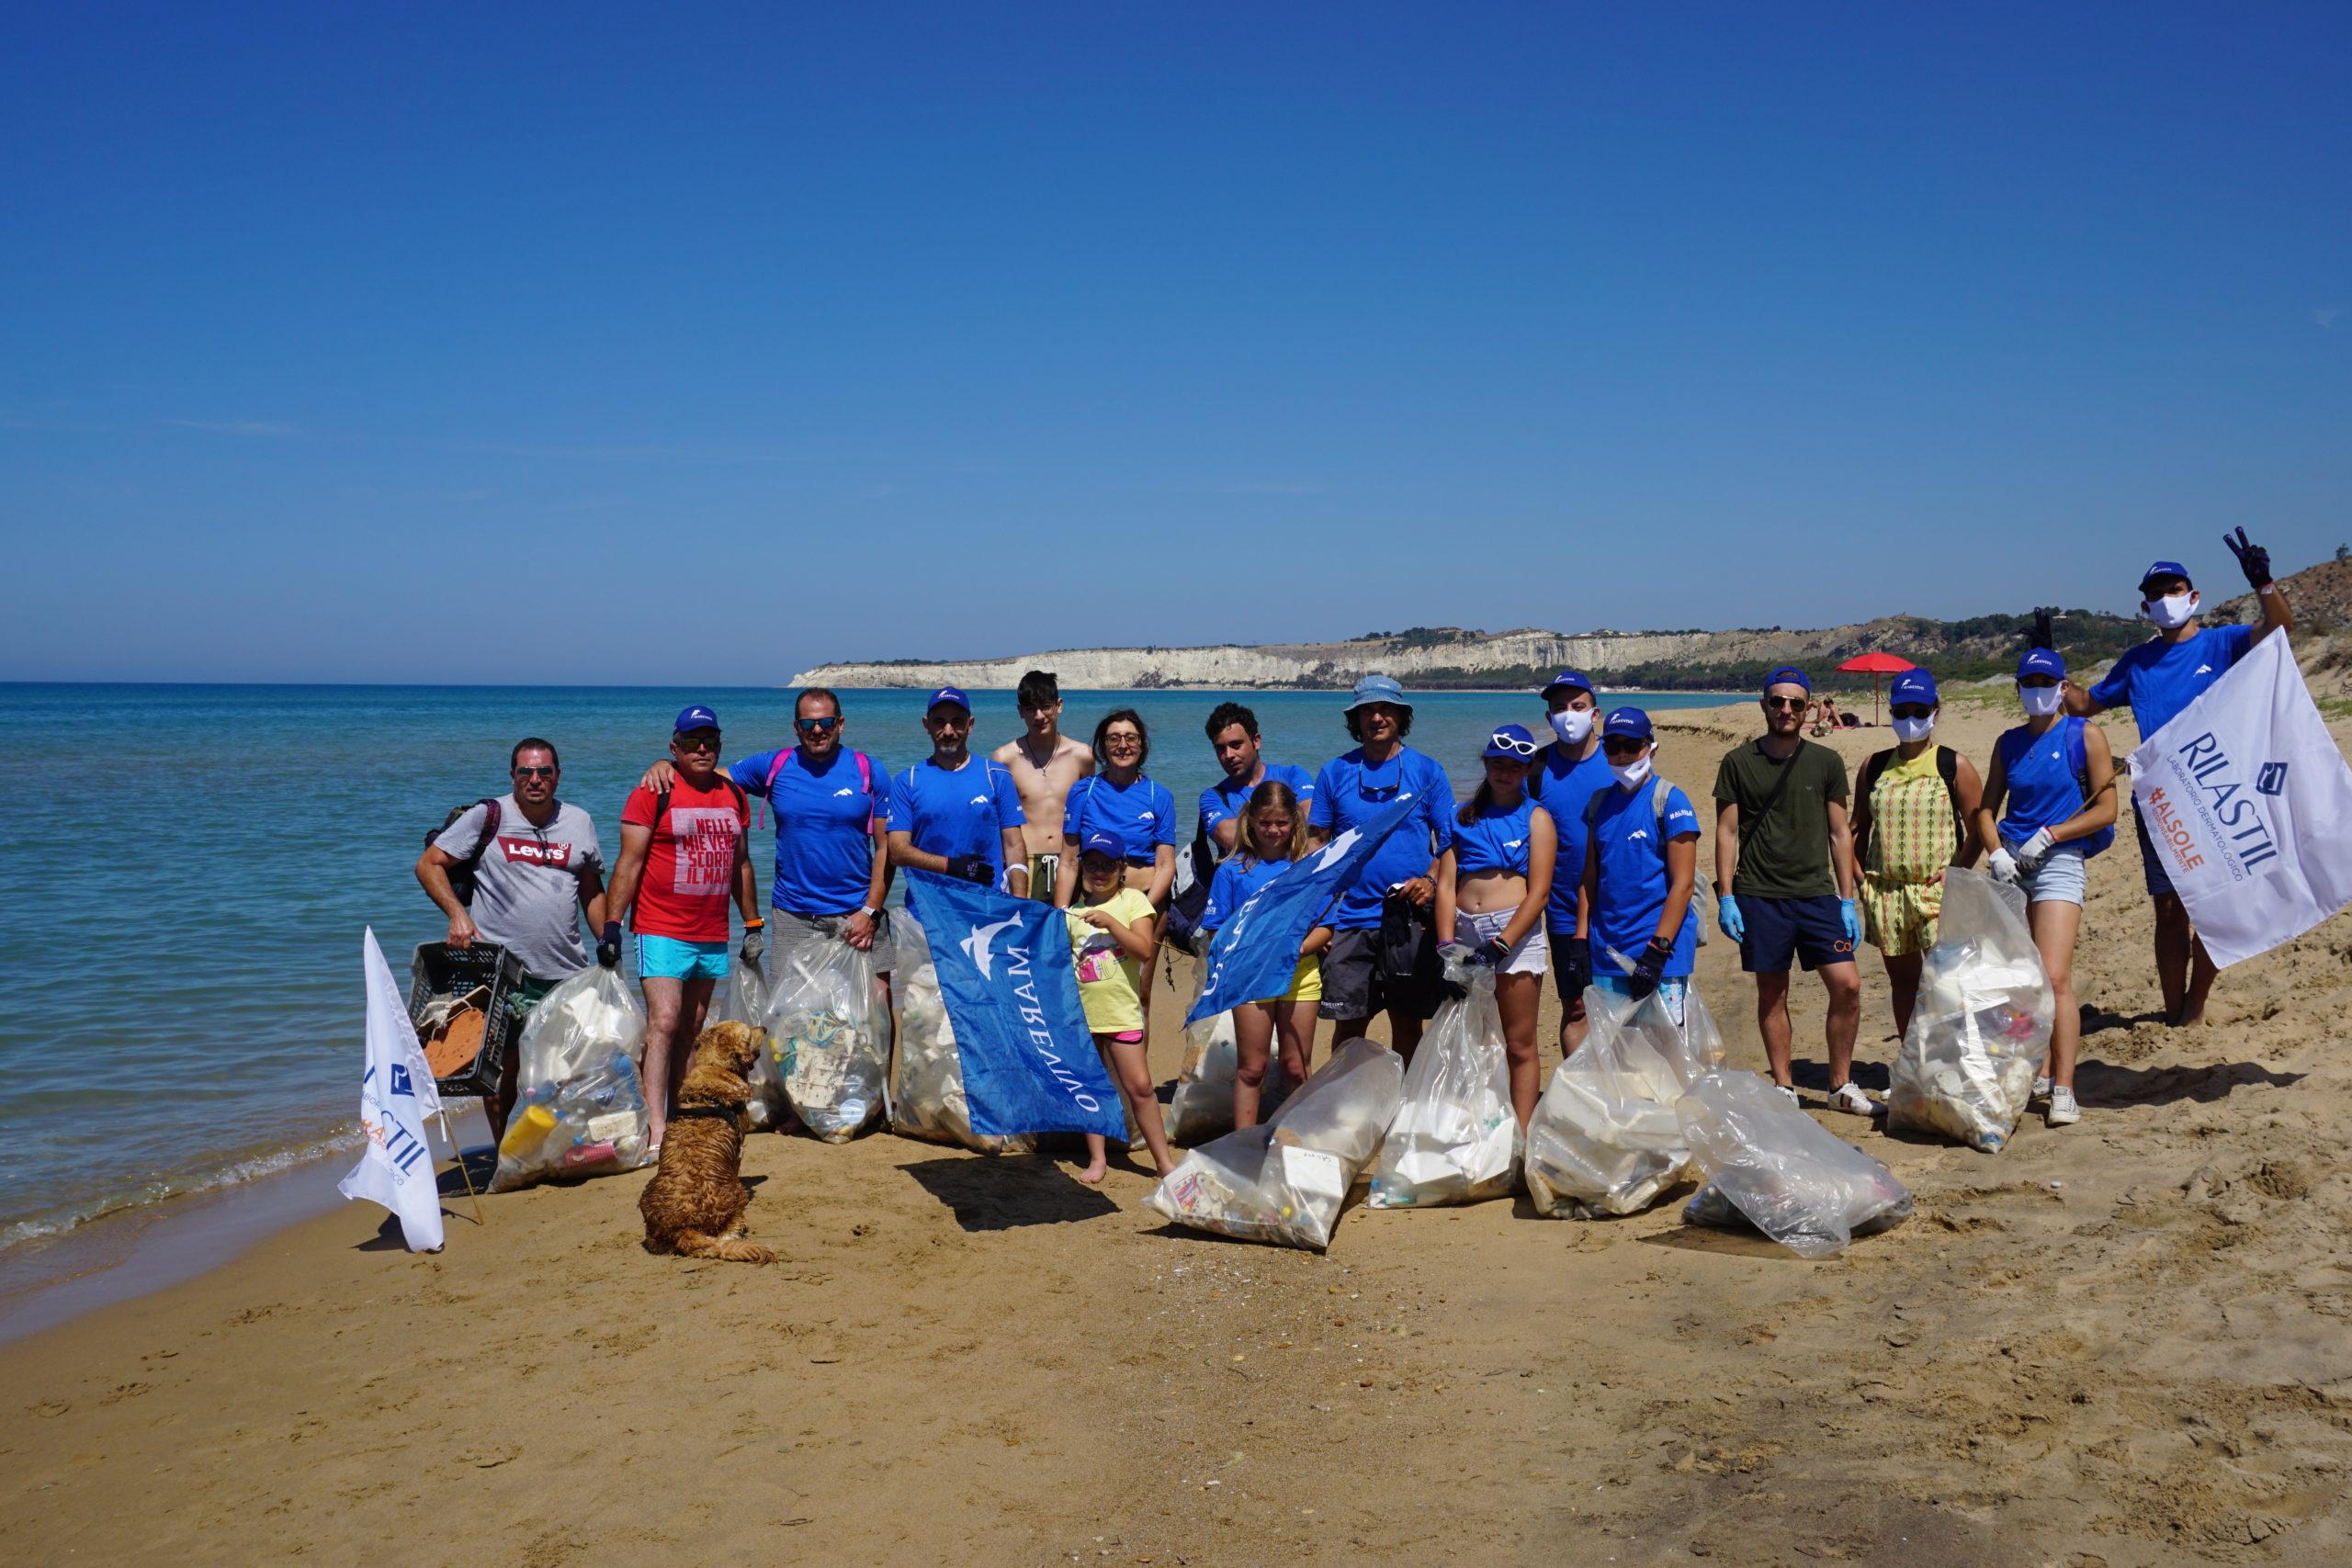 Abbiamo ripulito la spiaggia di Bovo Marina da 200 chili di rifiuti